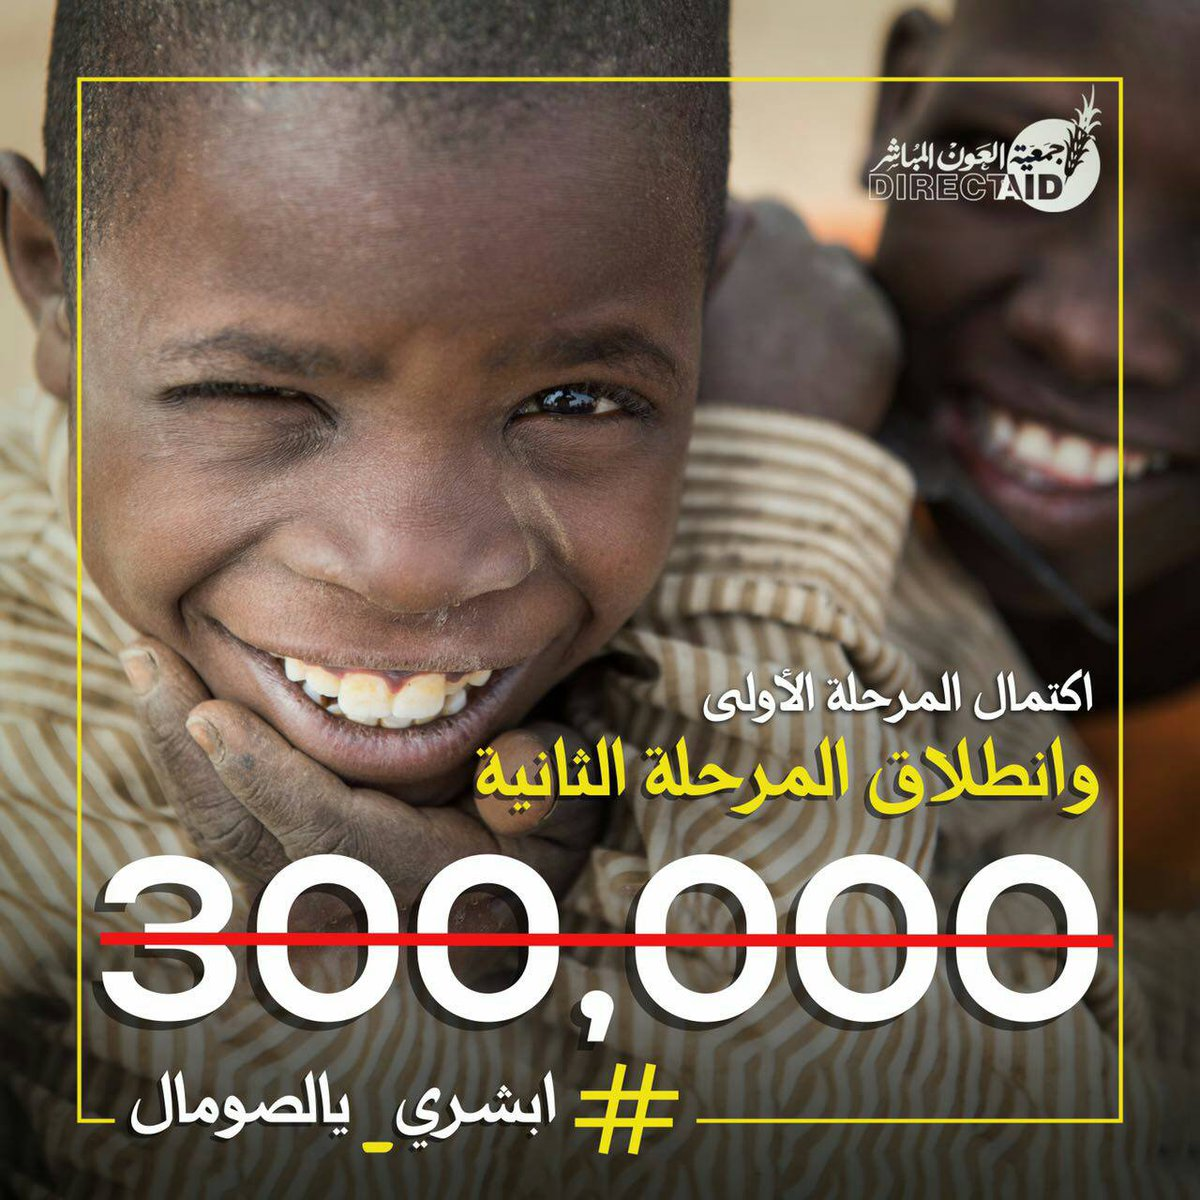 اللهم بارك لأهل الخير عطاءهم  #ابشري_يالصومال https://t.co/uO8SpTWMKB